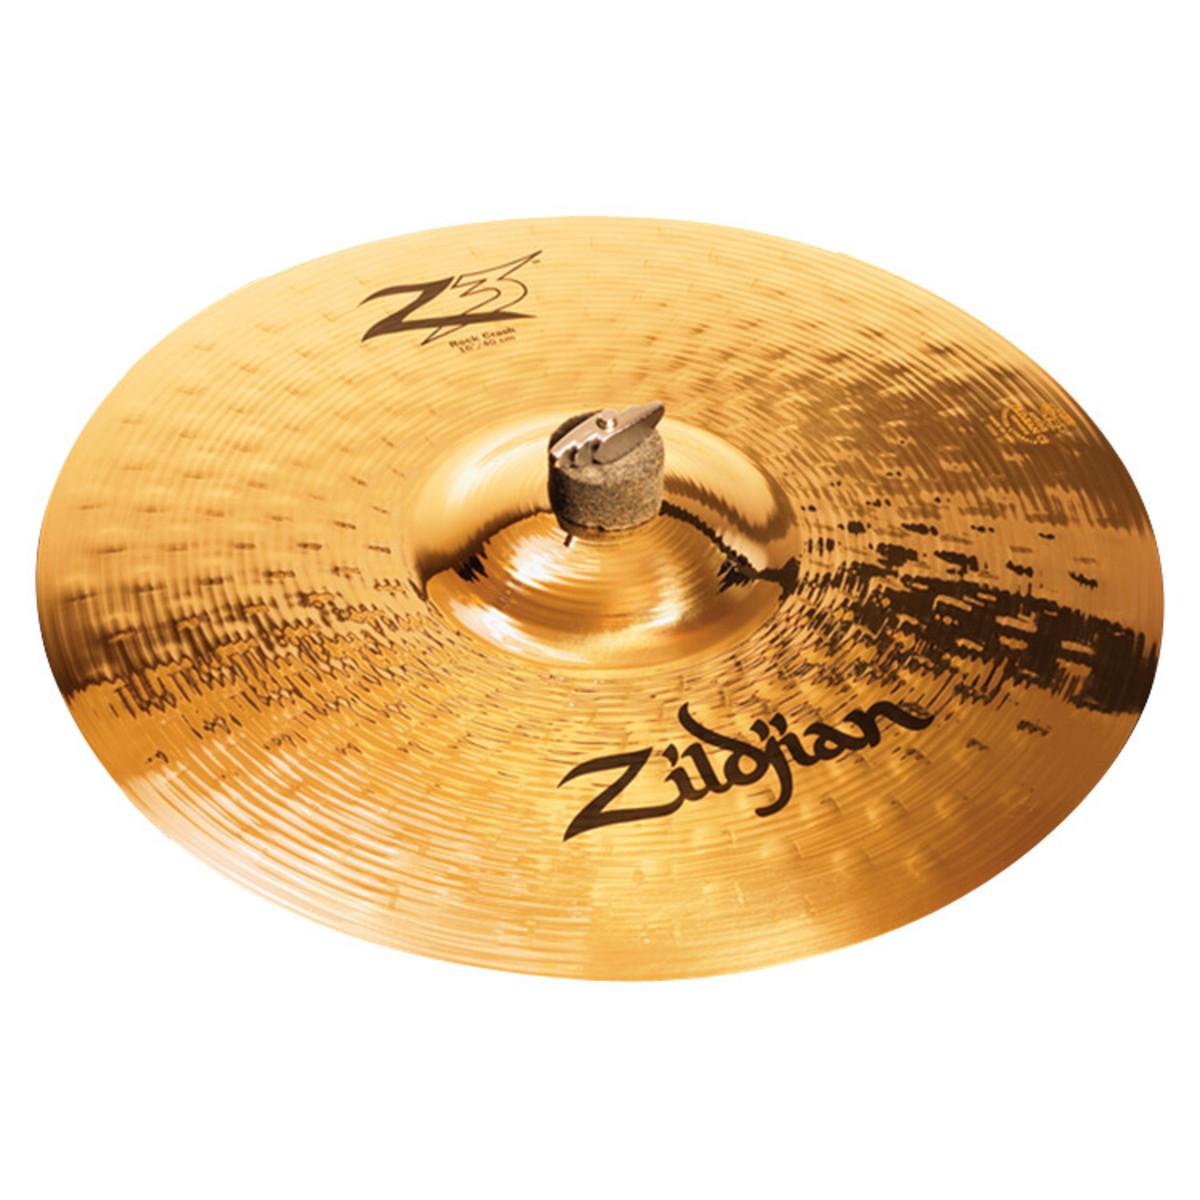 DISC Zildjian Z3 16   Rock Crash Cymbal osoitteessa Gear4Music.com a3c40db67e